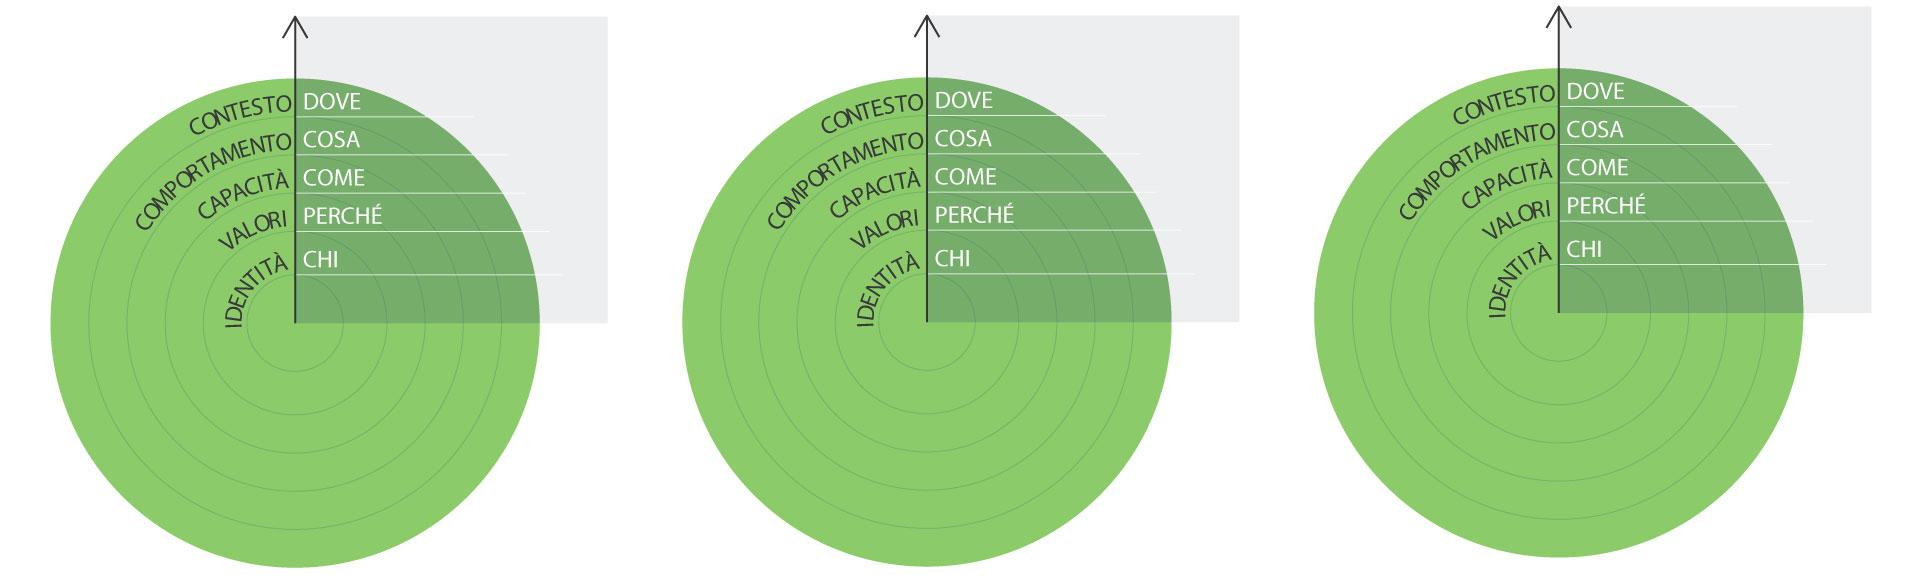 Service design tool: Circle Map